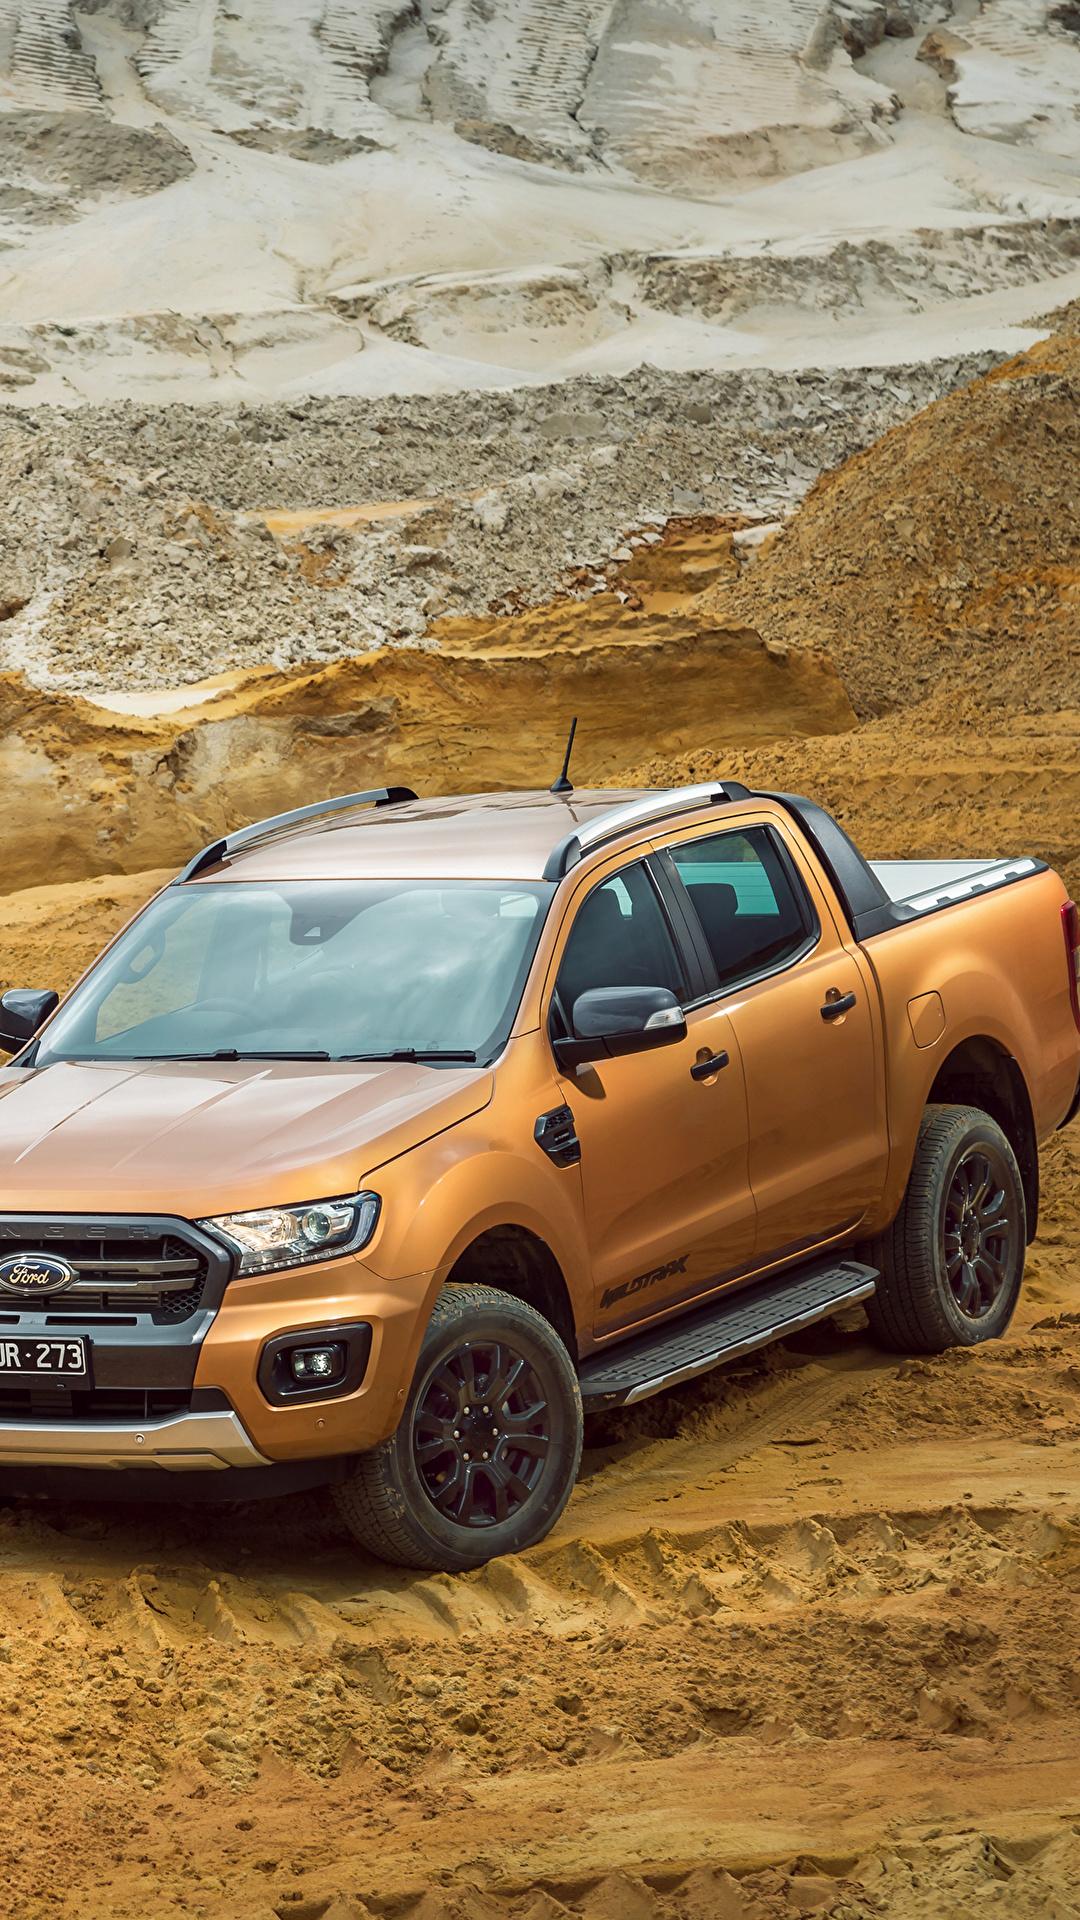 Fondos De Pantalla 1080x1920 Ford 2018 19 Ranger Wildtrak